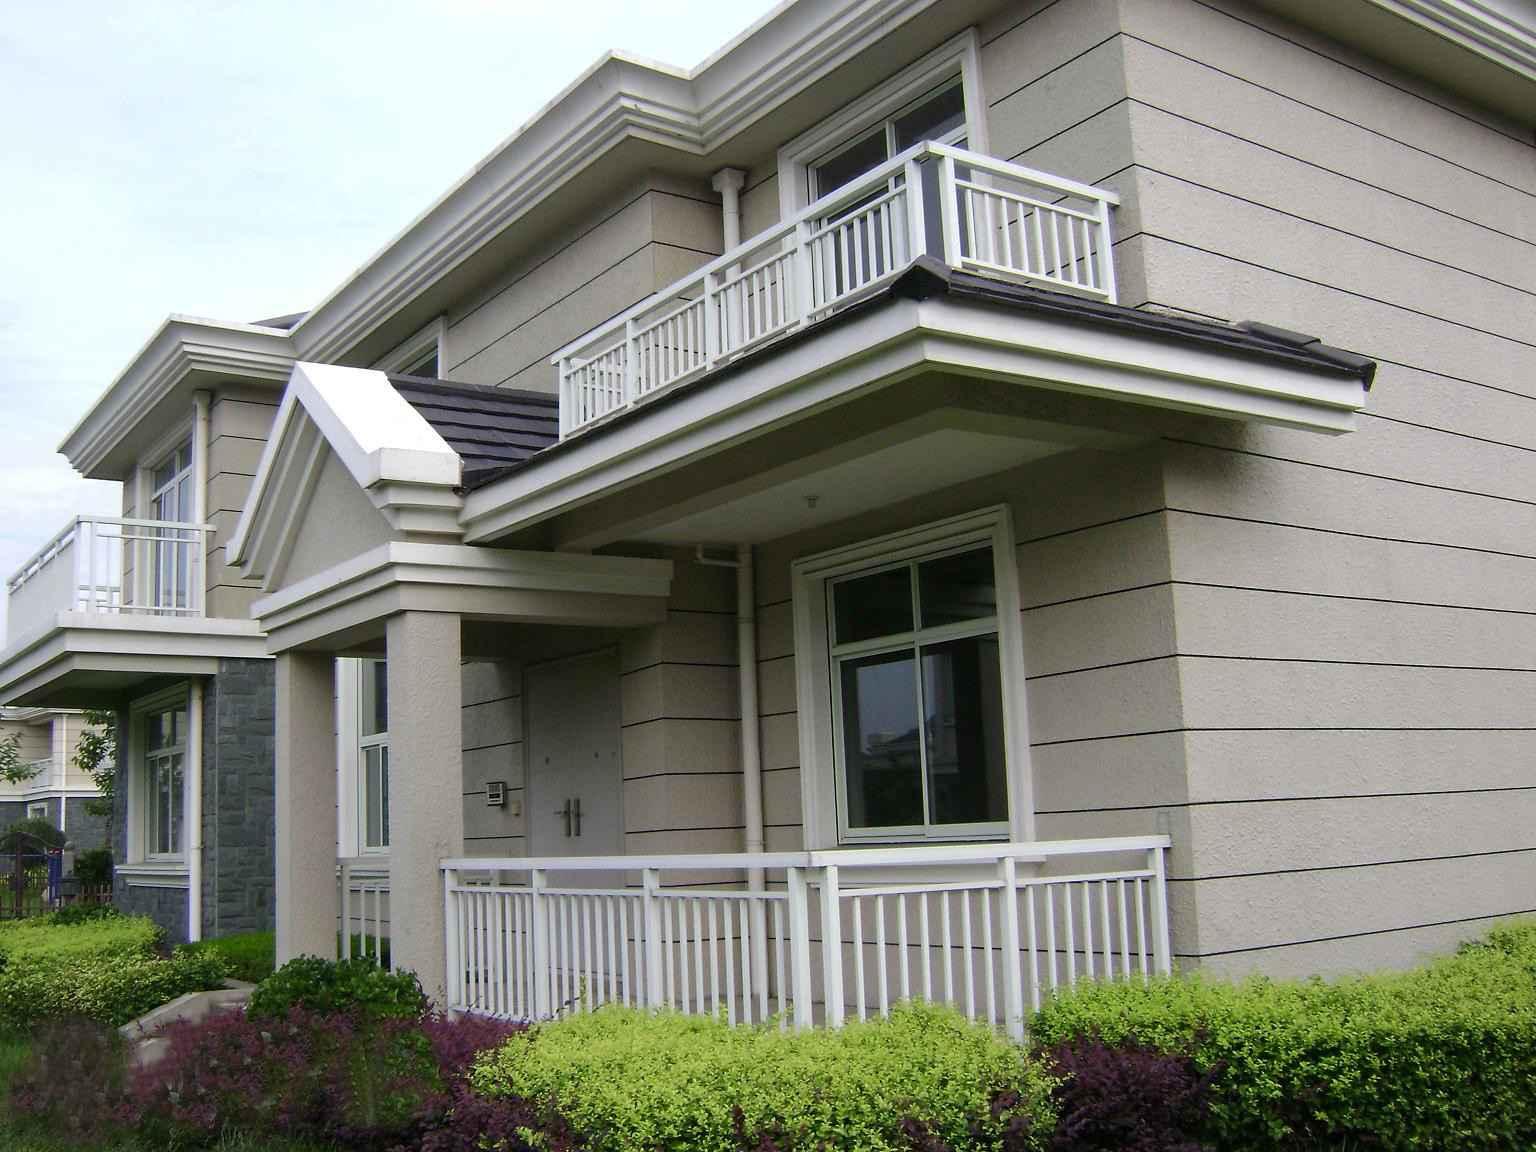 锌钢阳台护栏    白色的 锌钢阳台护栏搭配灰色的墙壁,结合欧式风格的